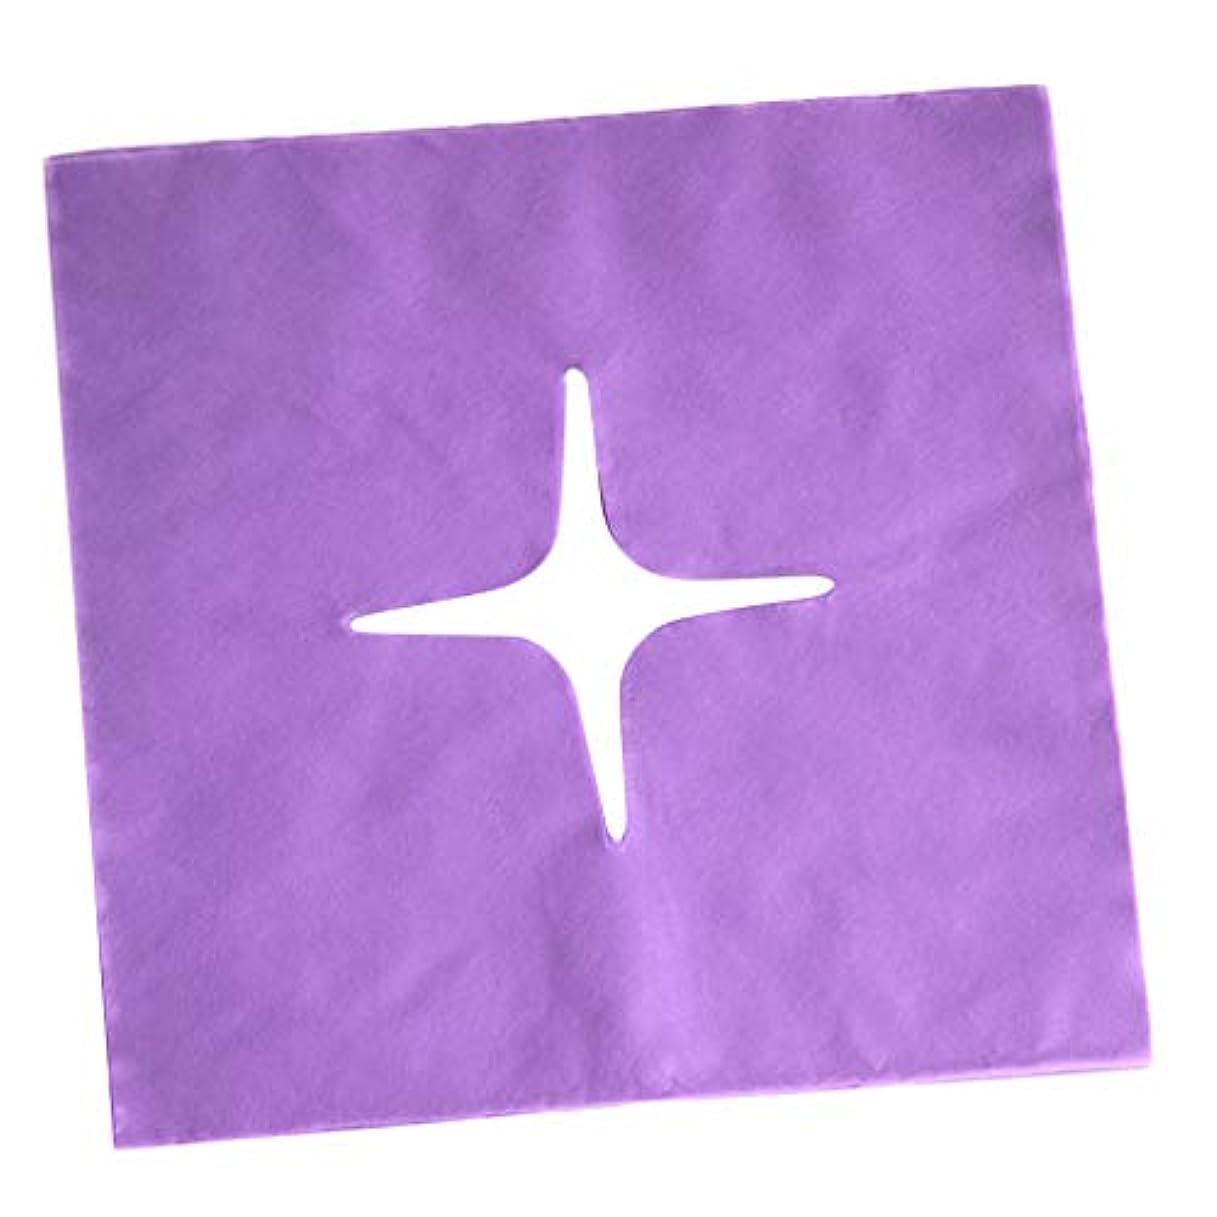 受付日食ながらフェイスクレードルカバー マッサージフェイスカバー 使い捨て マッサージ用 美容院 サロン 全3色 - 紫の